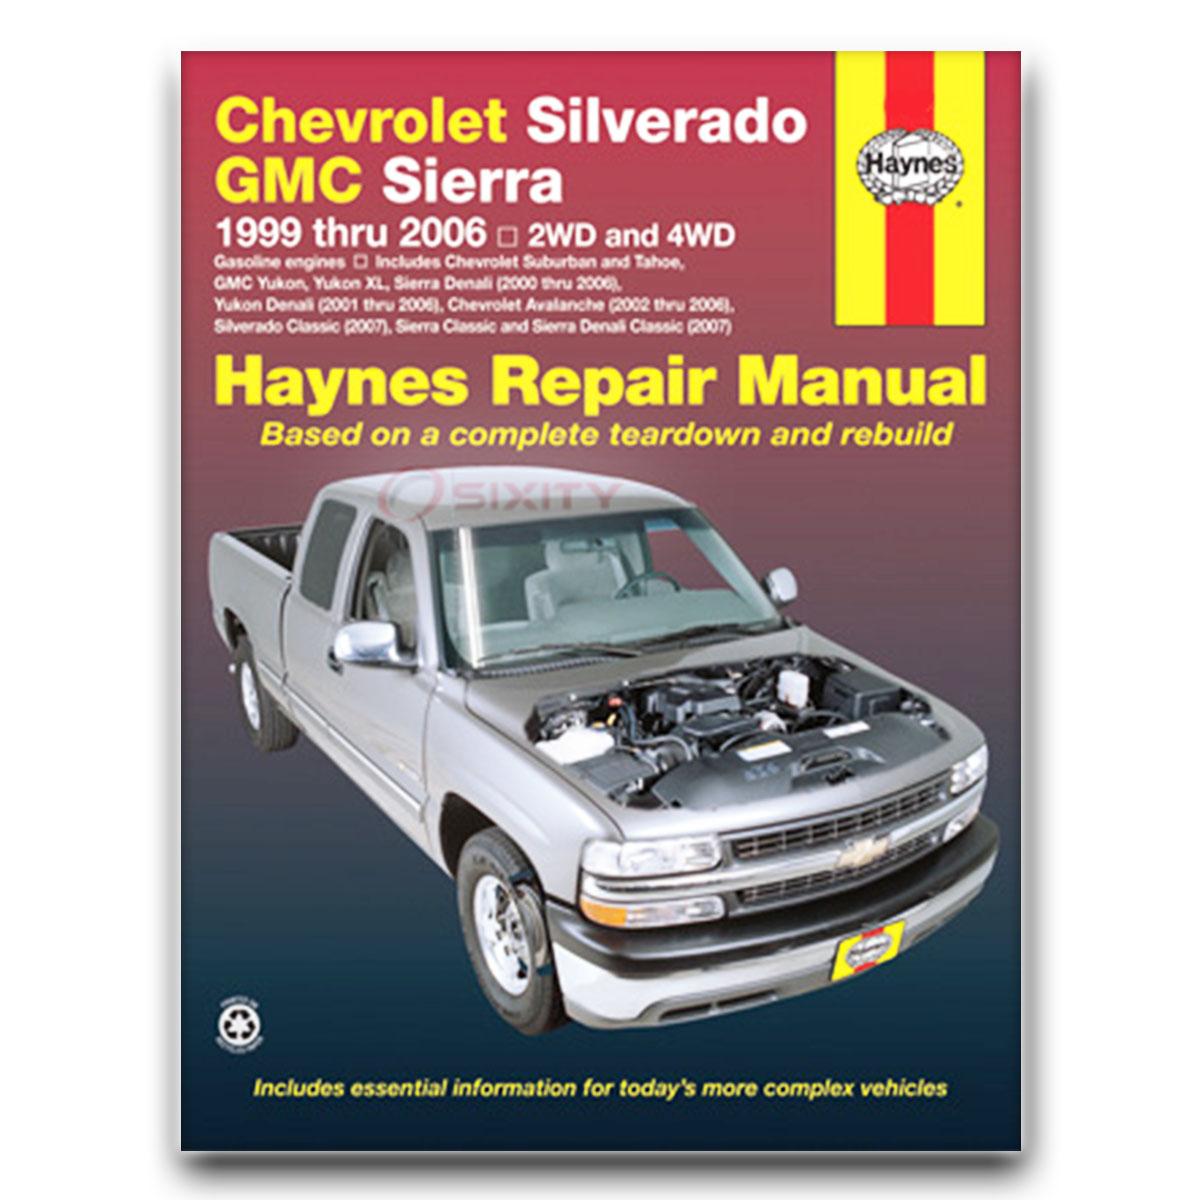 gmc sierra 3500 haynes repair manual wt slt classic sle base shop rh ebay com 2007 GMC Yukon XL 2500 2004 GMC Yukon XL 2500